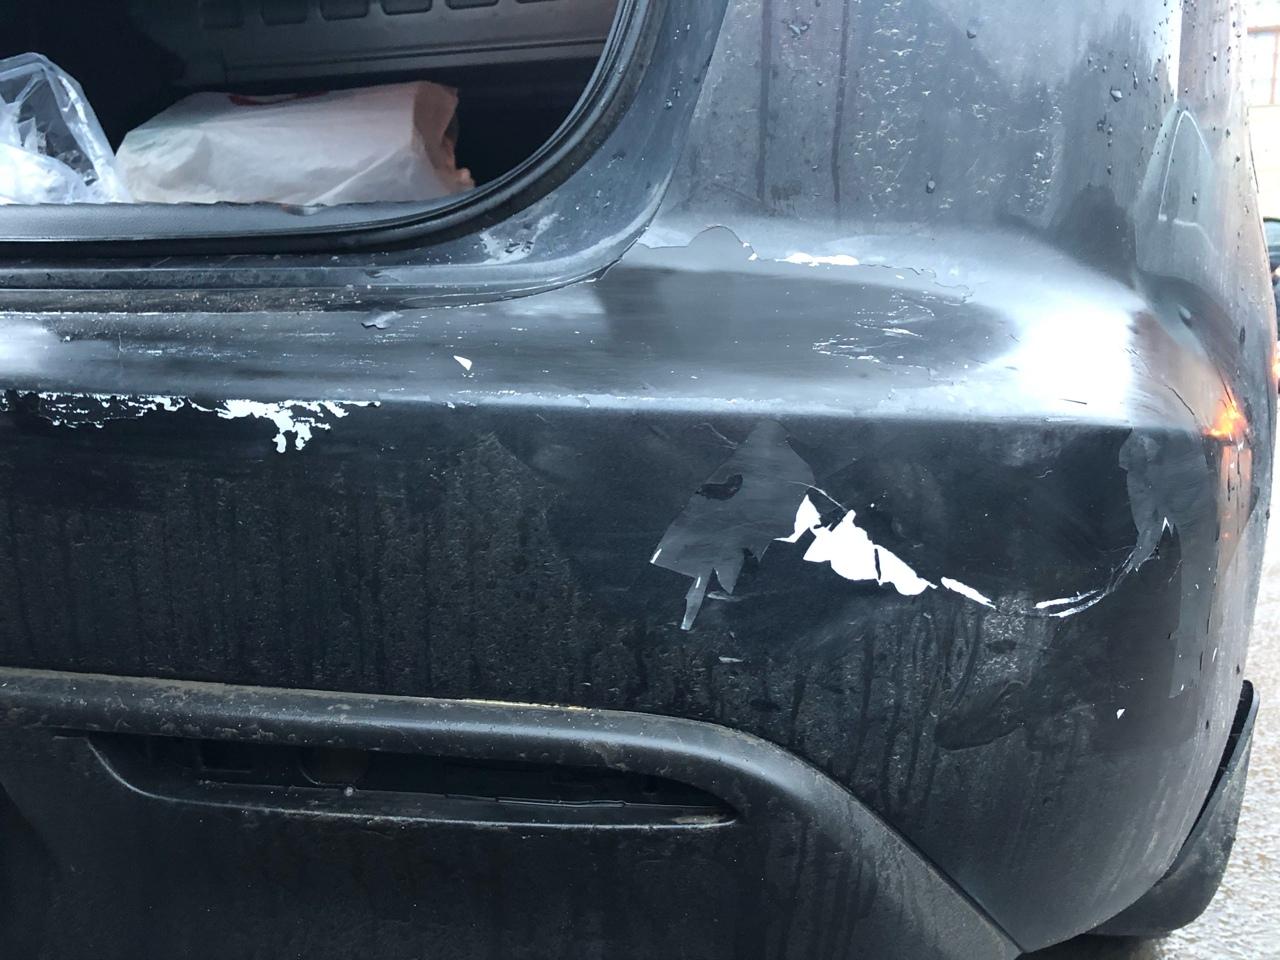 На Конюшенной 2 сдавая назад на парковке, въехал(а) в соседнюю машину и просто уехал(а). Свидетелей ...